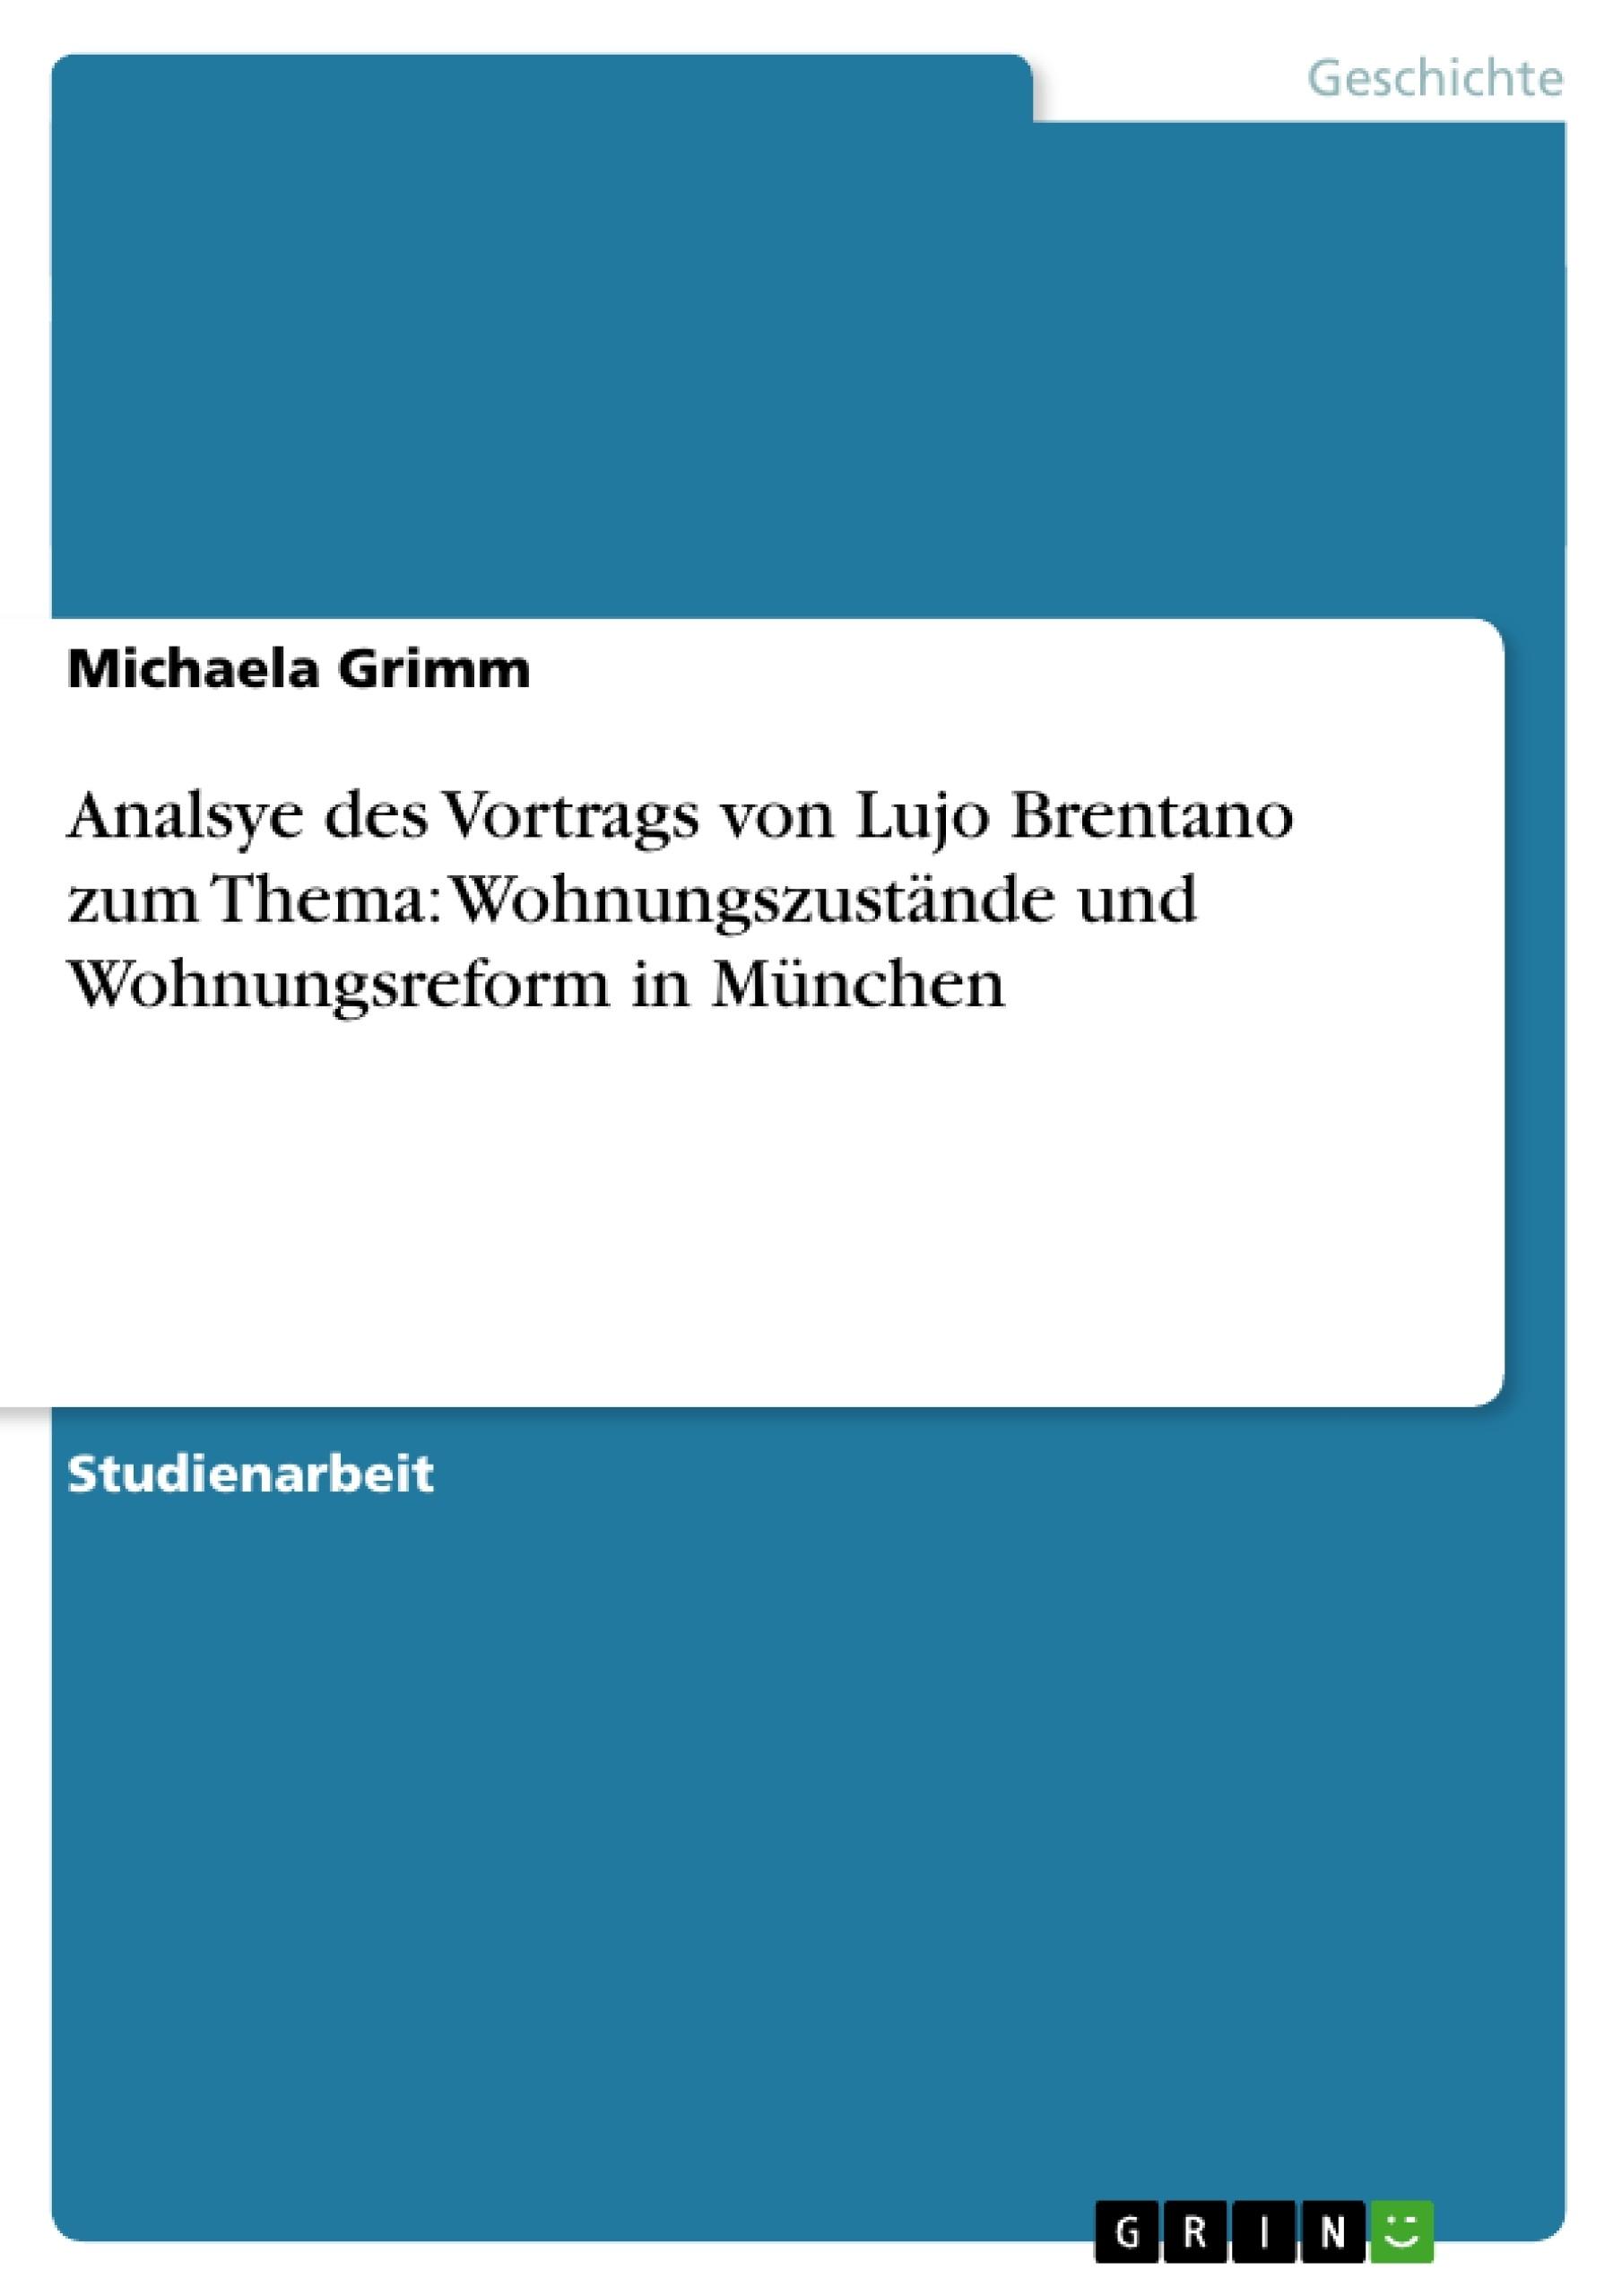 Titel: Analsye des Vortrags von Lujo Brentano zum Thema: Wohnungszustände und Wohnungsreform in München